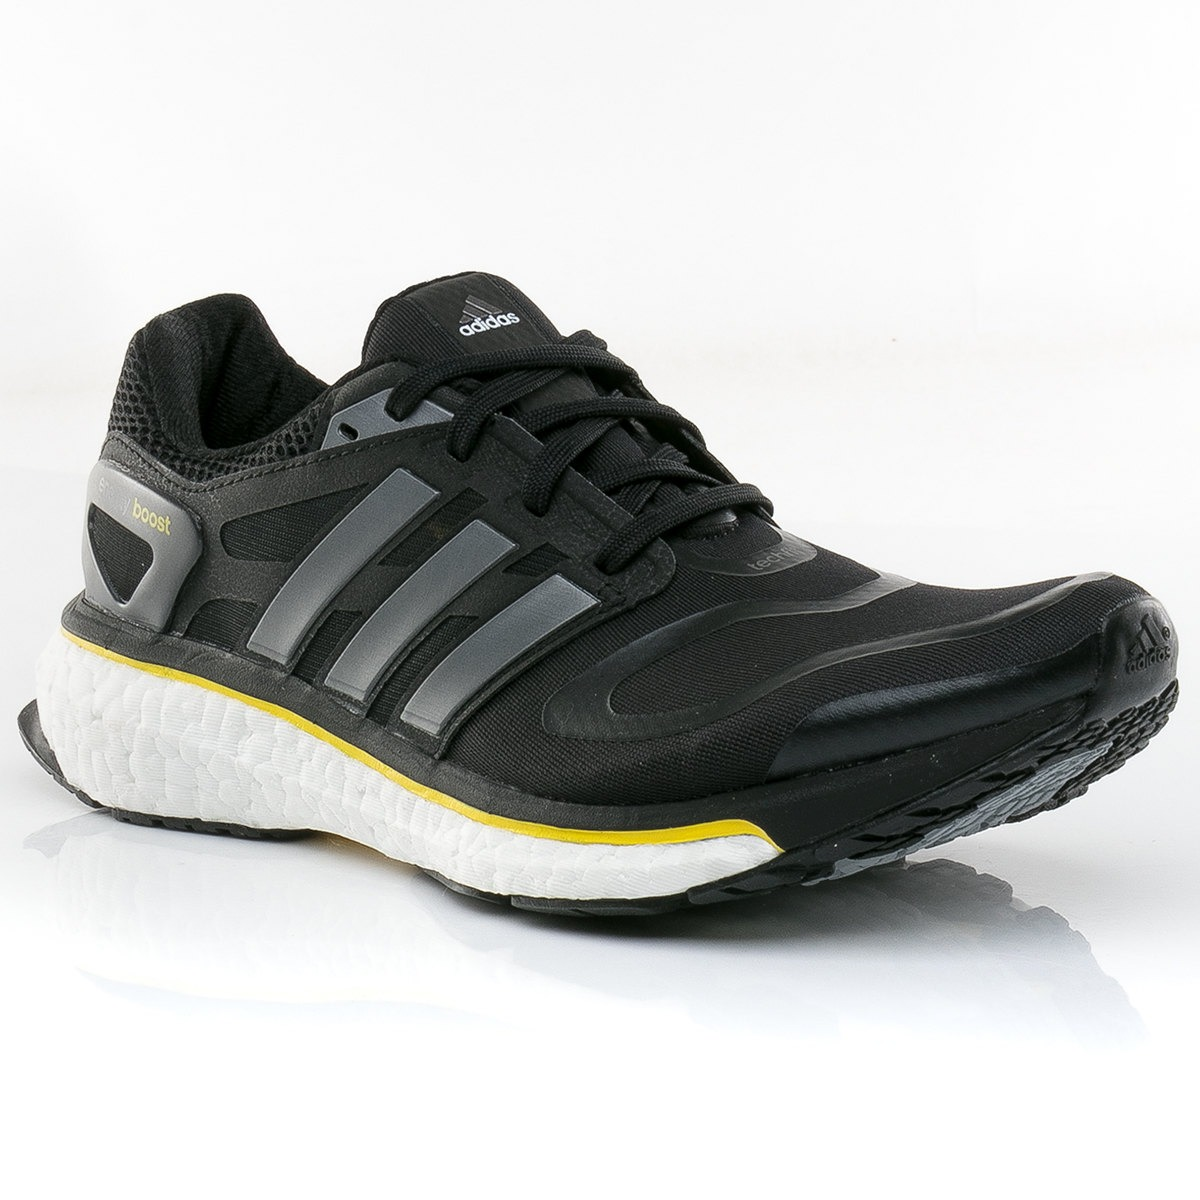 best service 06f2f de8b6 zapatillas energy boost m black adidas. Cargando zoom.